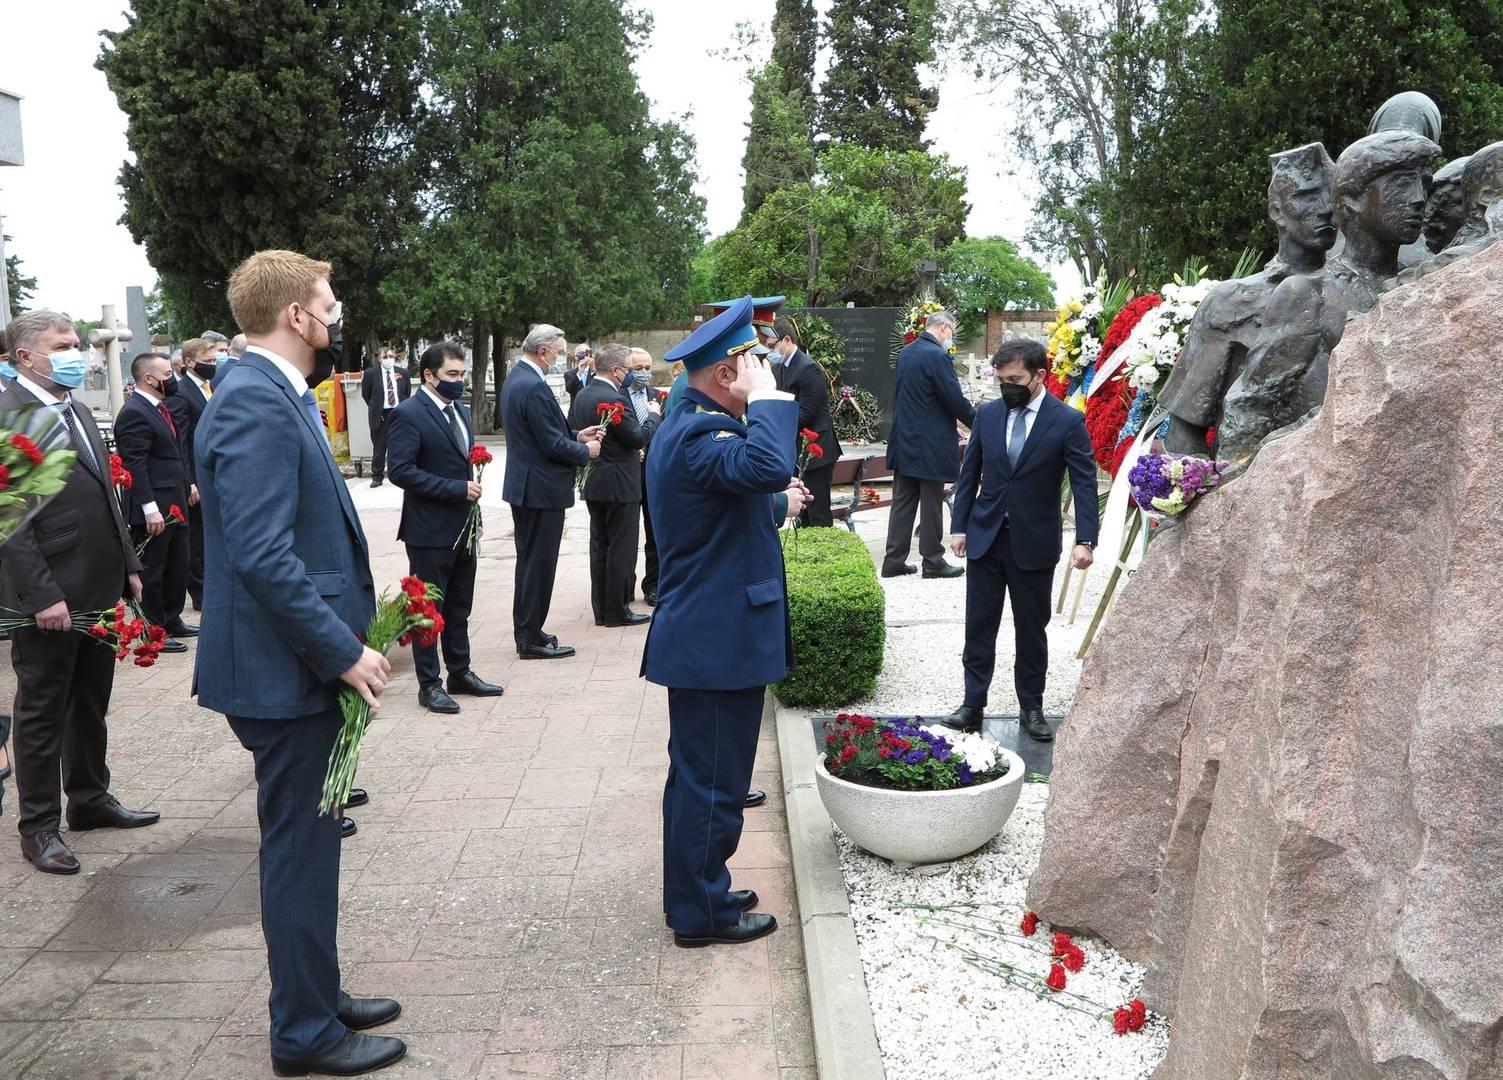 Акт в честь 76 годовщины Дня Победы на кладбище Фуэнкарраль в Мадриде 9 мая 2021г.